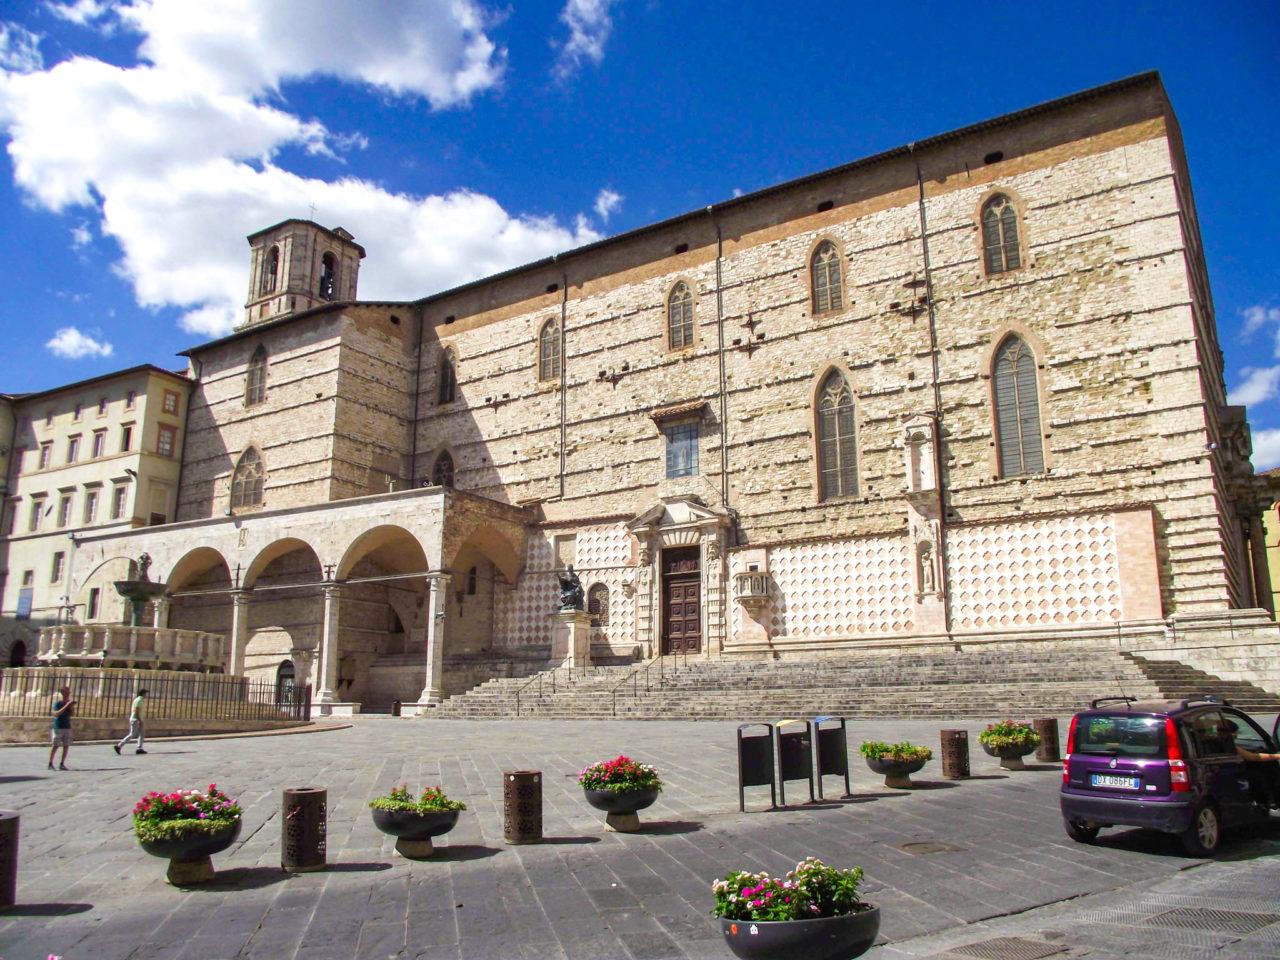 Кафедральный собор Святого Лаврентия (Cattedrale di San Lorenzo)